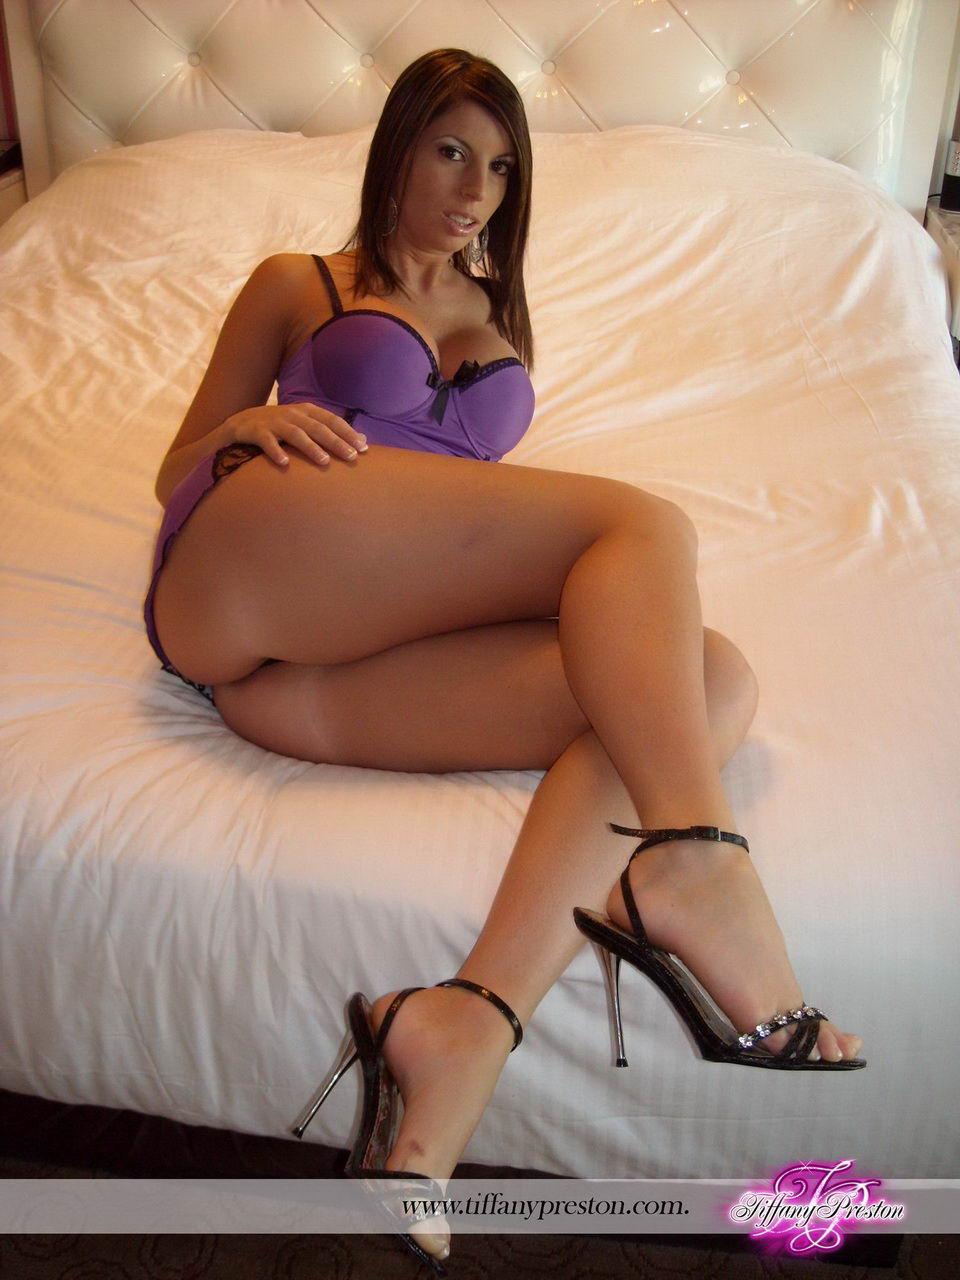 Musas Del Porno Anos 60 criticas a musas porno: enero 2012